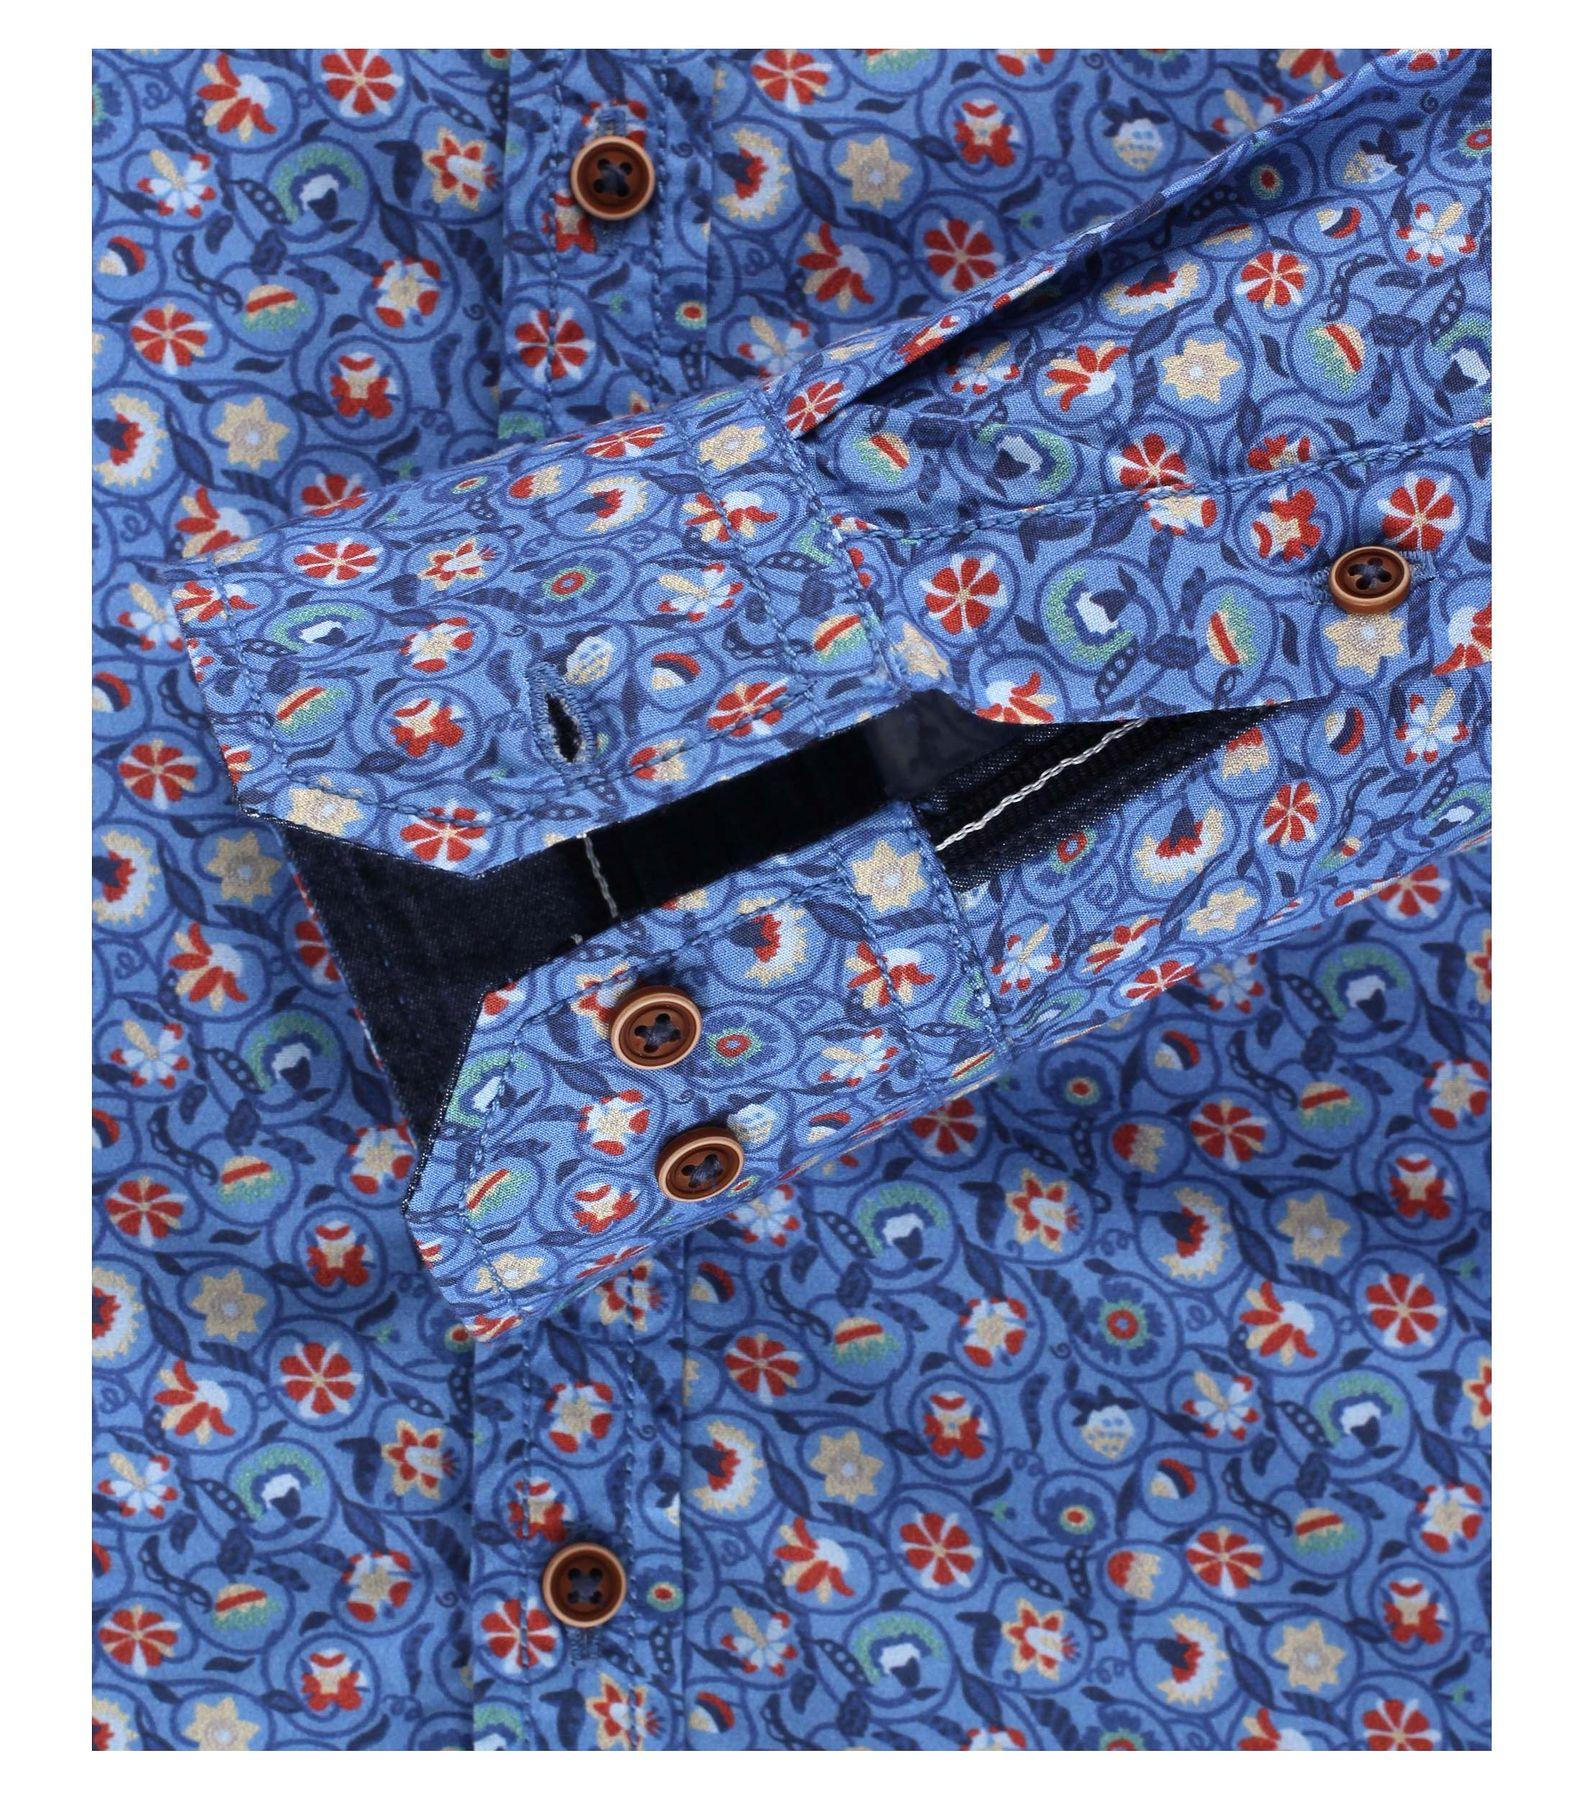 Venti - Slim Fit - Herren Langarm Hemd aus 100% Baumwolle mit modischem Druck (162538300 A) – Bild 3